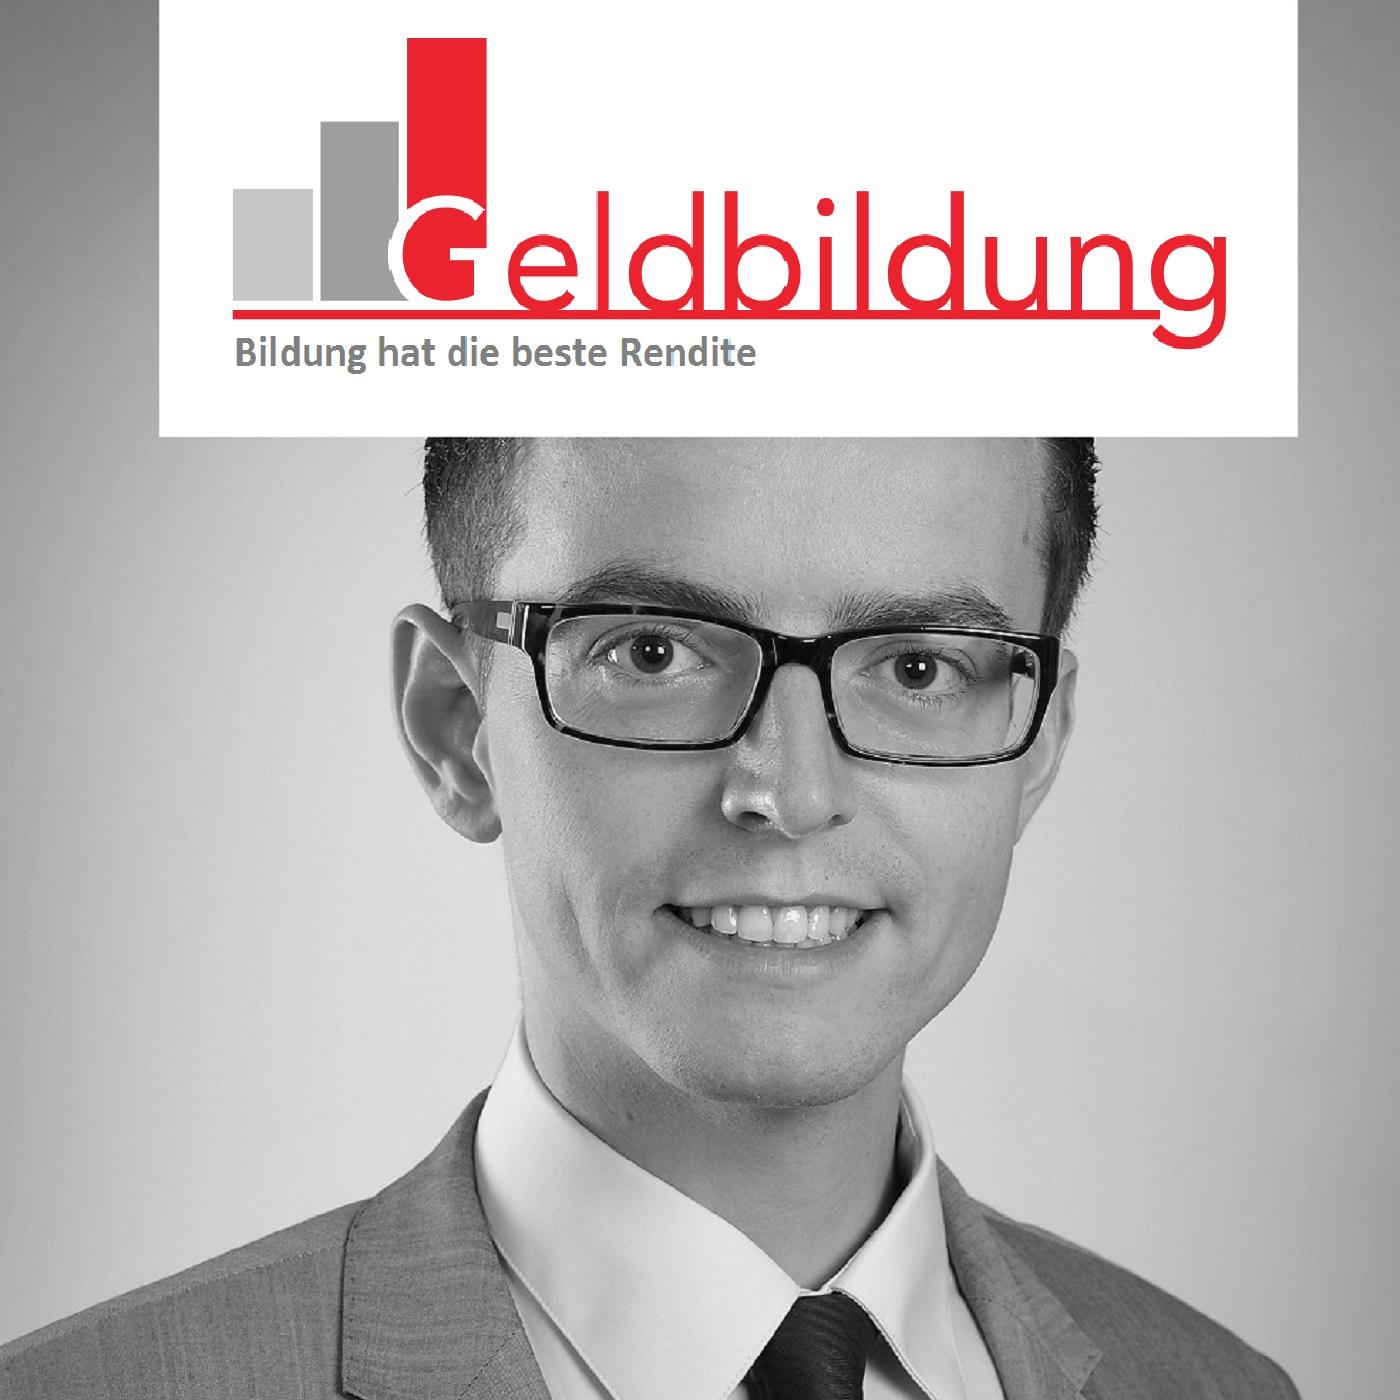 Nr. 65: Interview mit Herrn Dr. Leven vom Deutschen Aktieninstitut (DAI) zum Thema Aktien